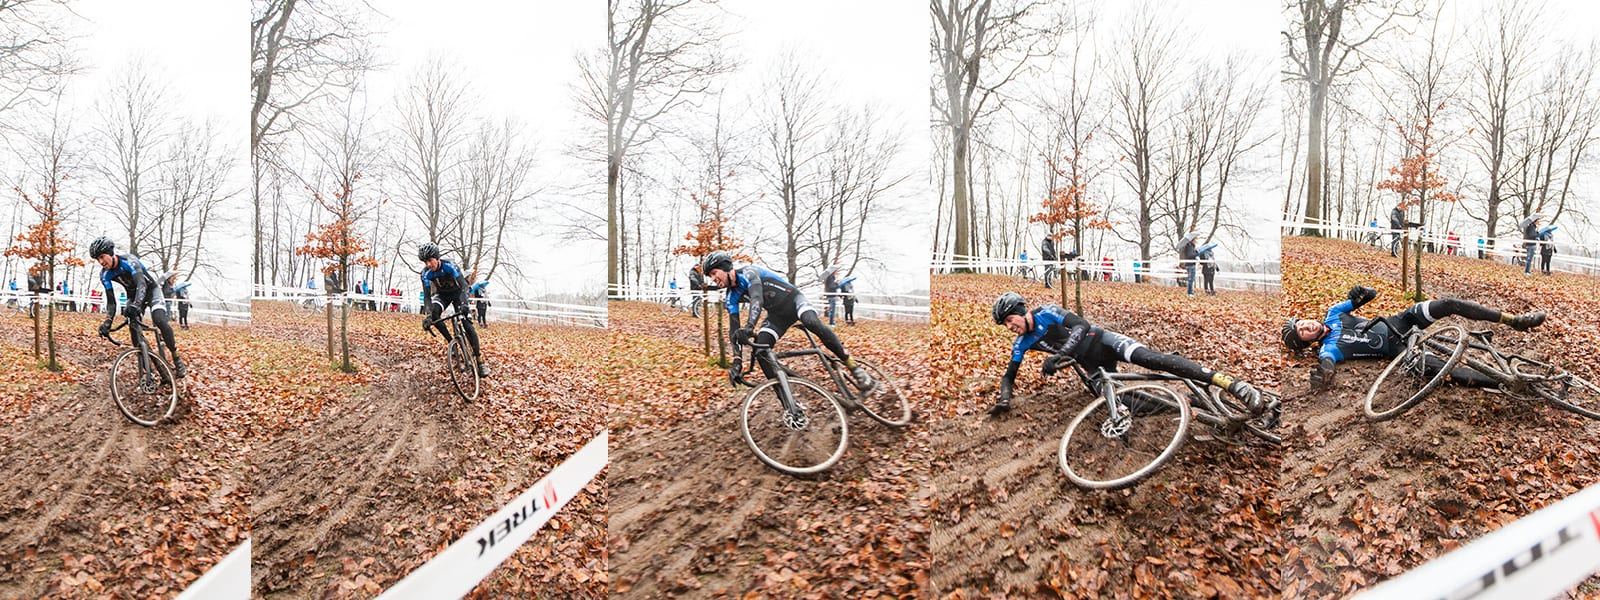 Chrash Simon Zdrenka Odder TREK CX ©Photo: Uggi Kaldan // AltomCykling.dk